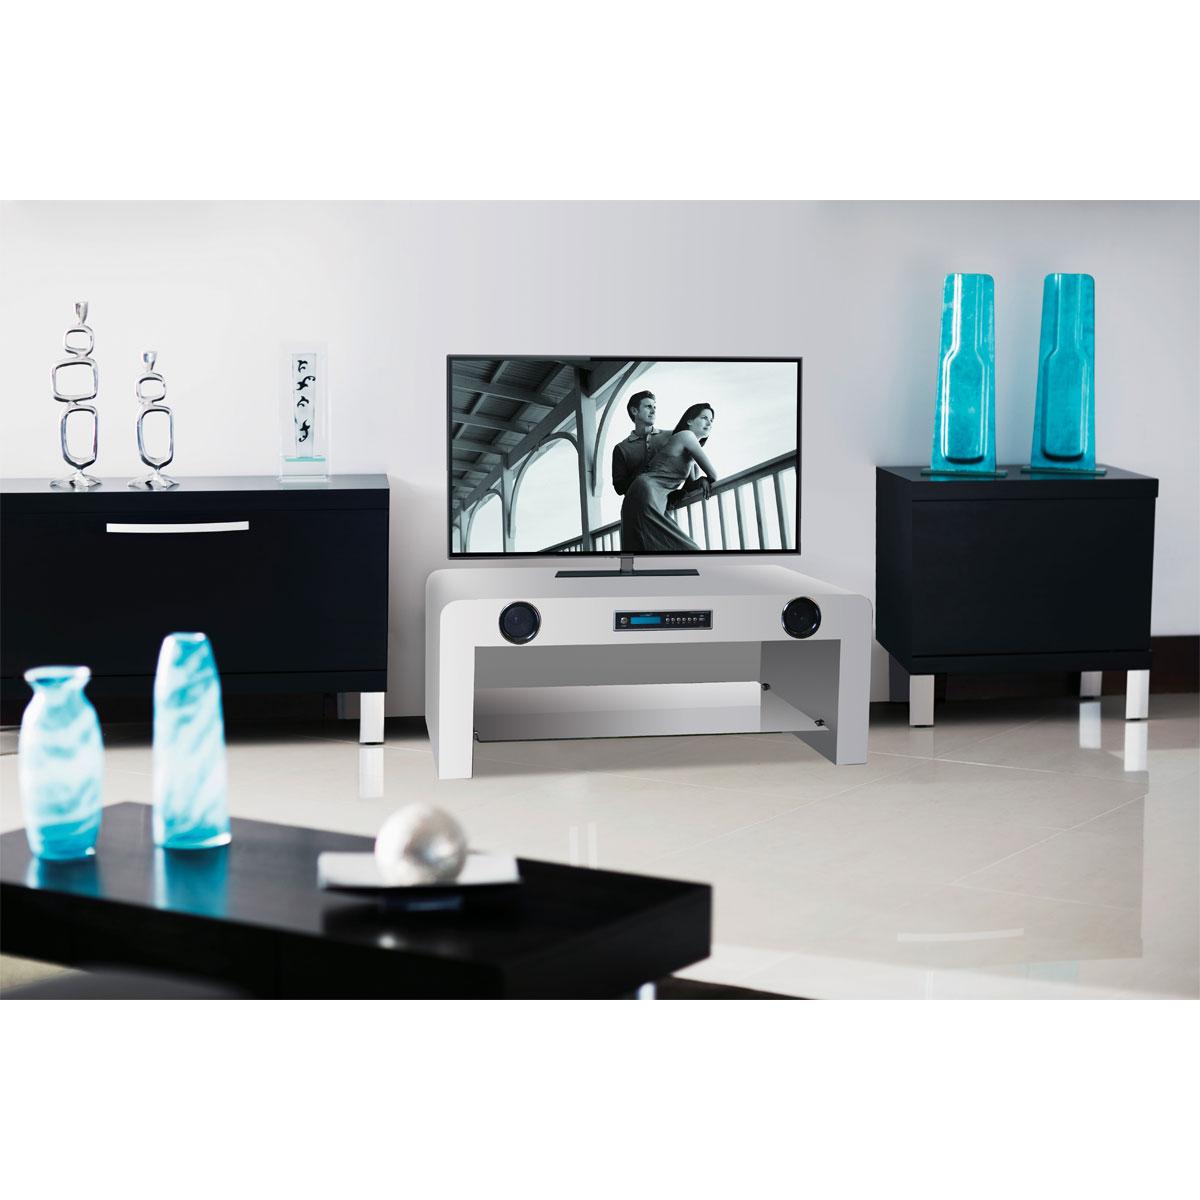 Meuble Tv Home Cinema Auchan Best Meuble Tv Design Home Cinema  # Branchement Meuble Tv Hdw